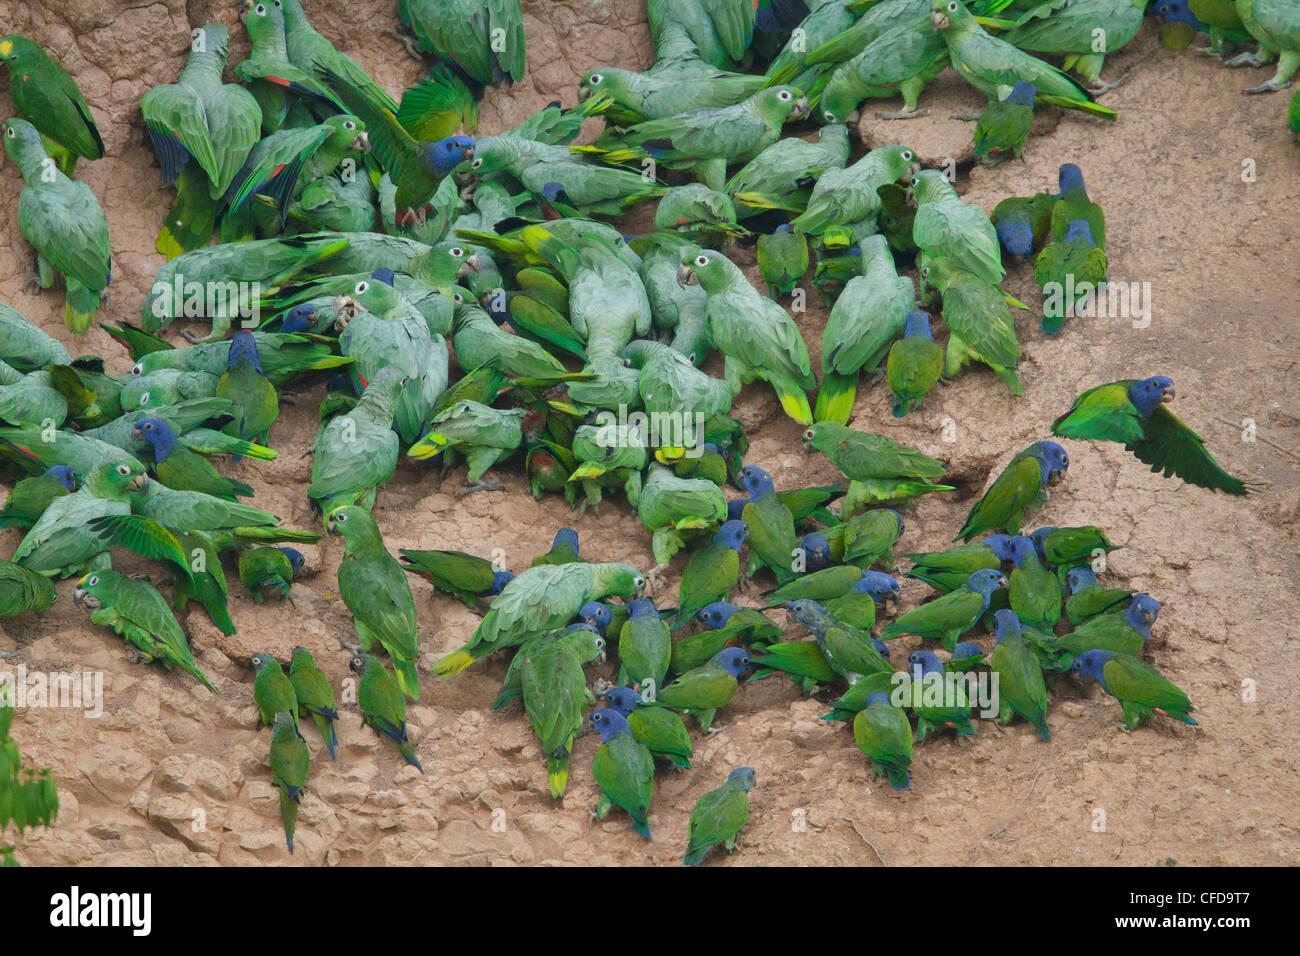 A testa azzurra Parrot (Pionus menstruus) alimentazione in corrispondenza di una argilla leccare amazzonica in Ecuador. Immagini Stock